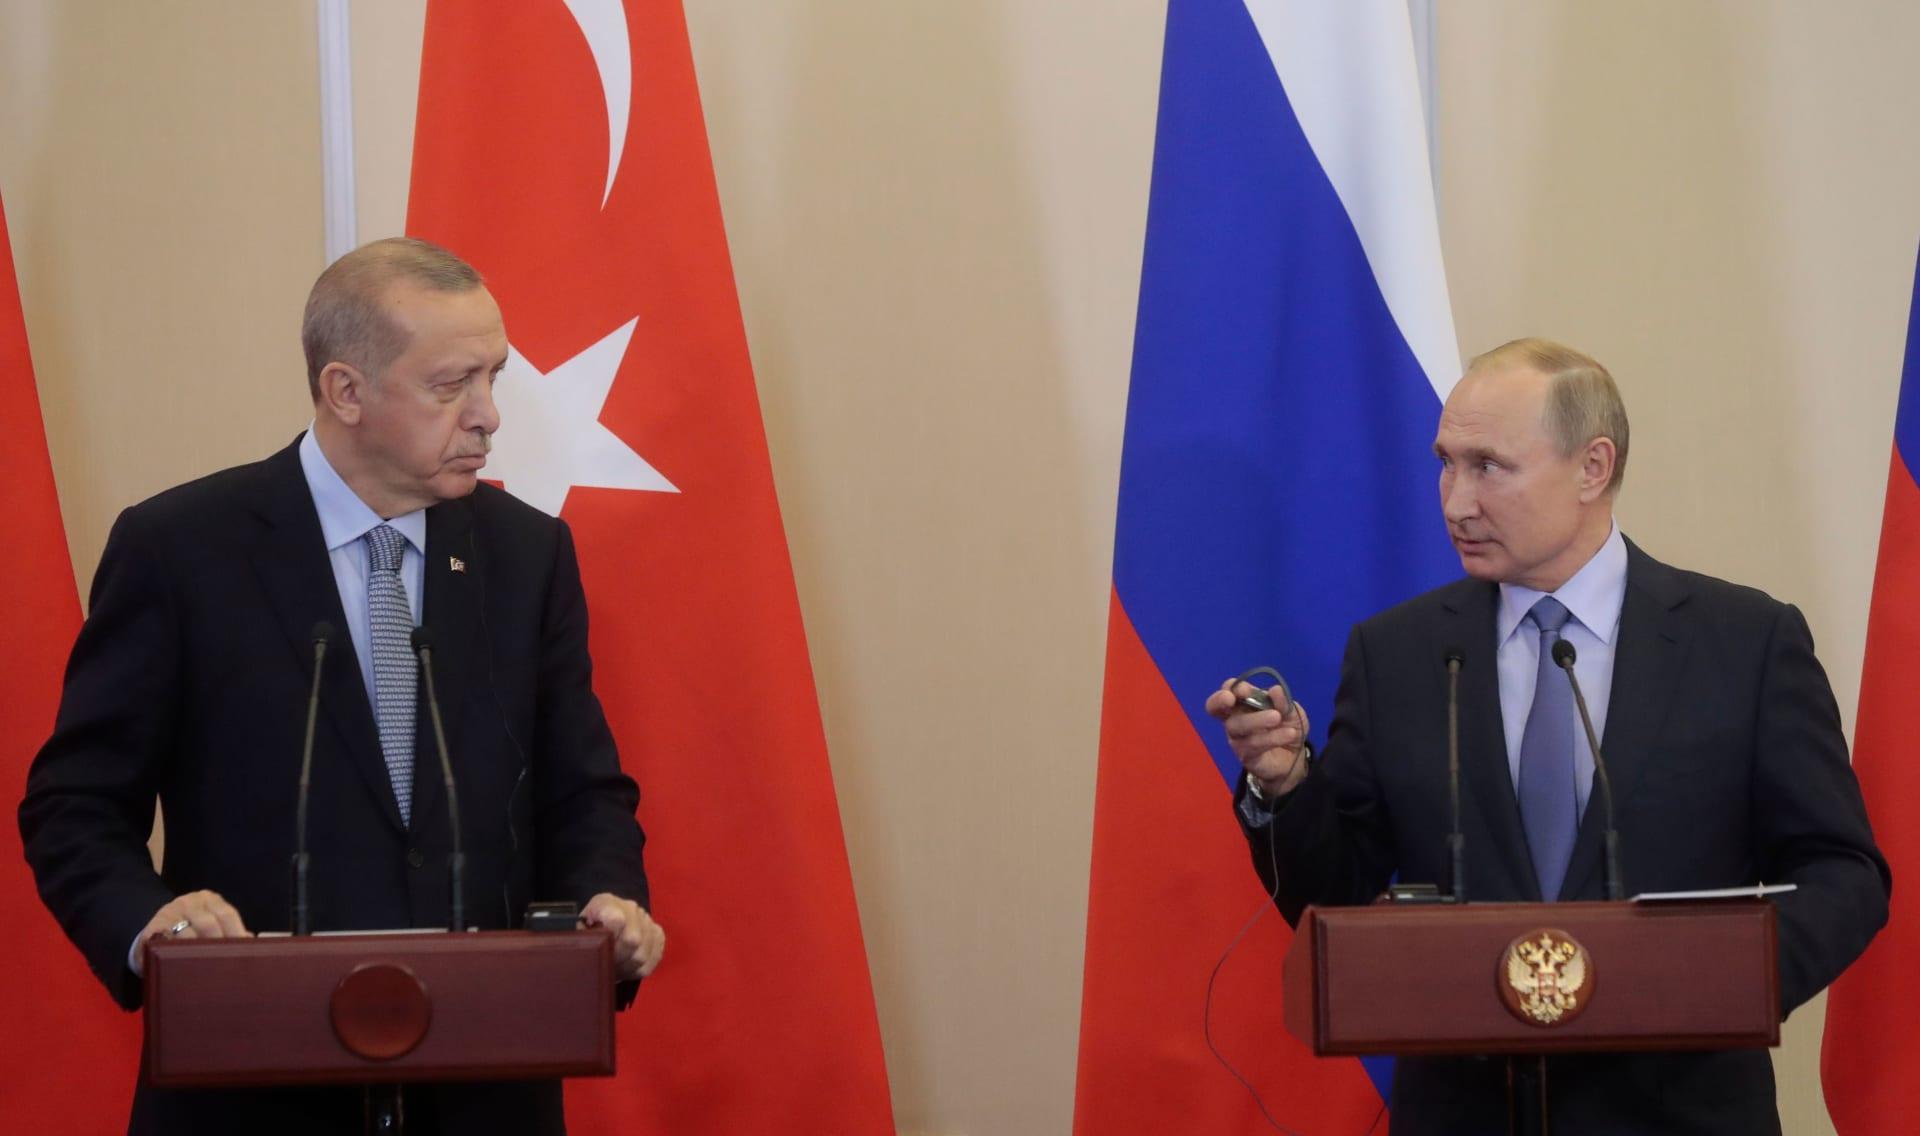 روسيا: واشنطن خانت الأكراد بسوريا وأجبرتهم على محاربة الأتراك